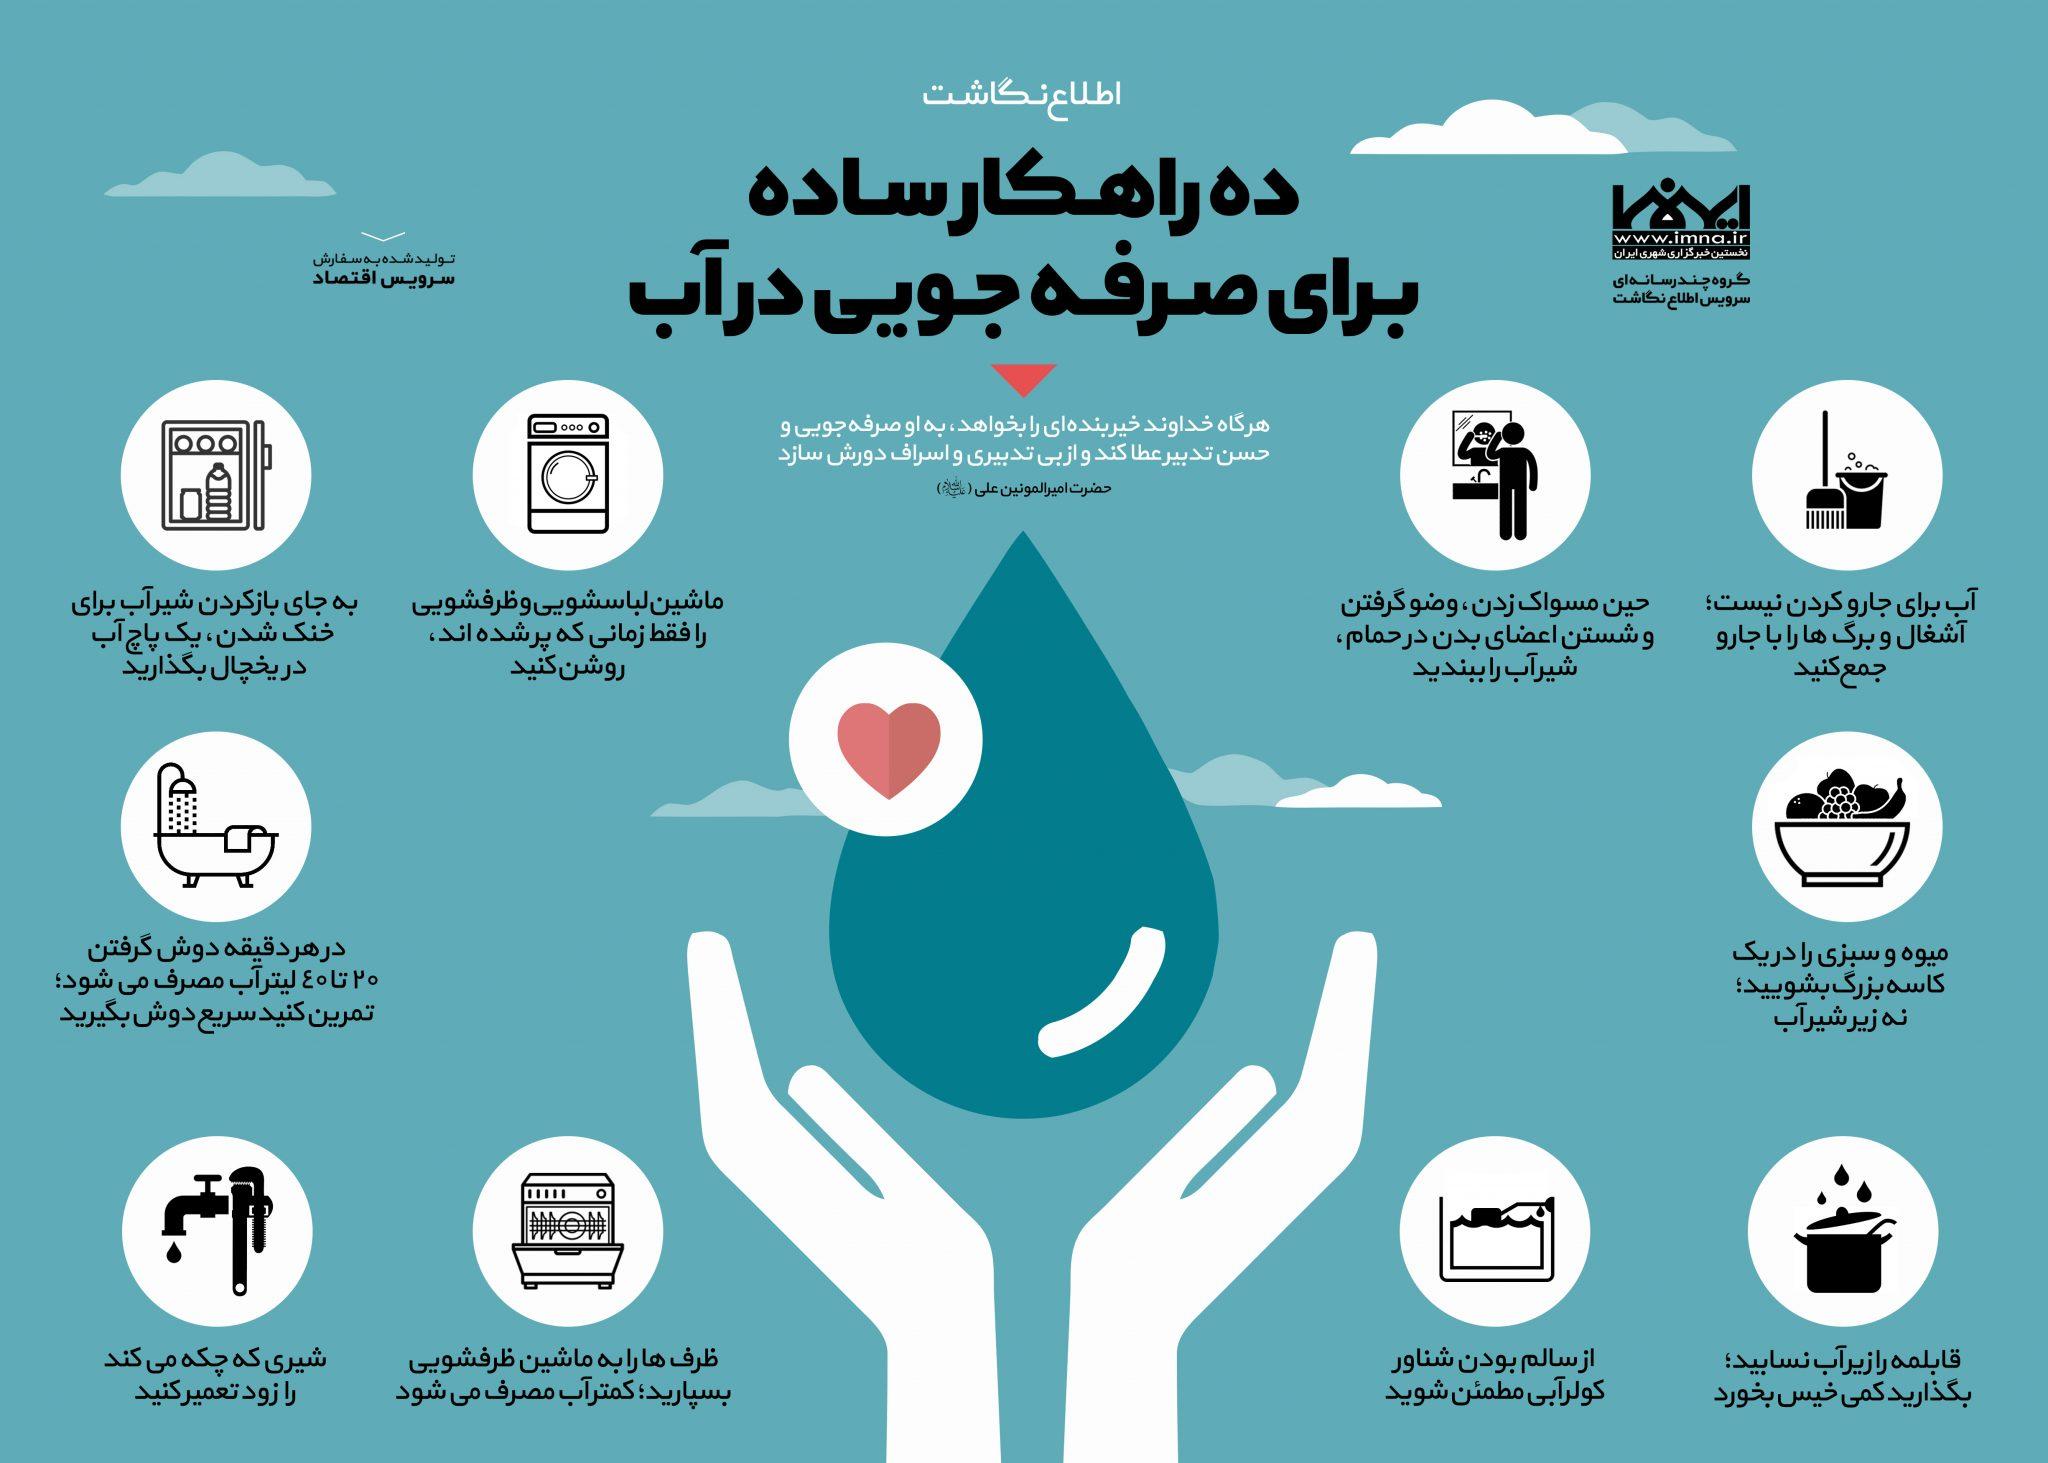 اینفوگرافیک ده راهکار ساده برای صرفه جویی در آب